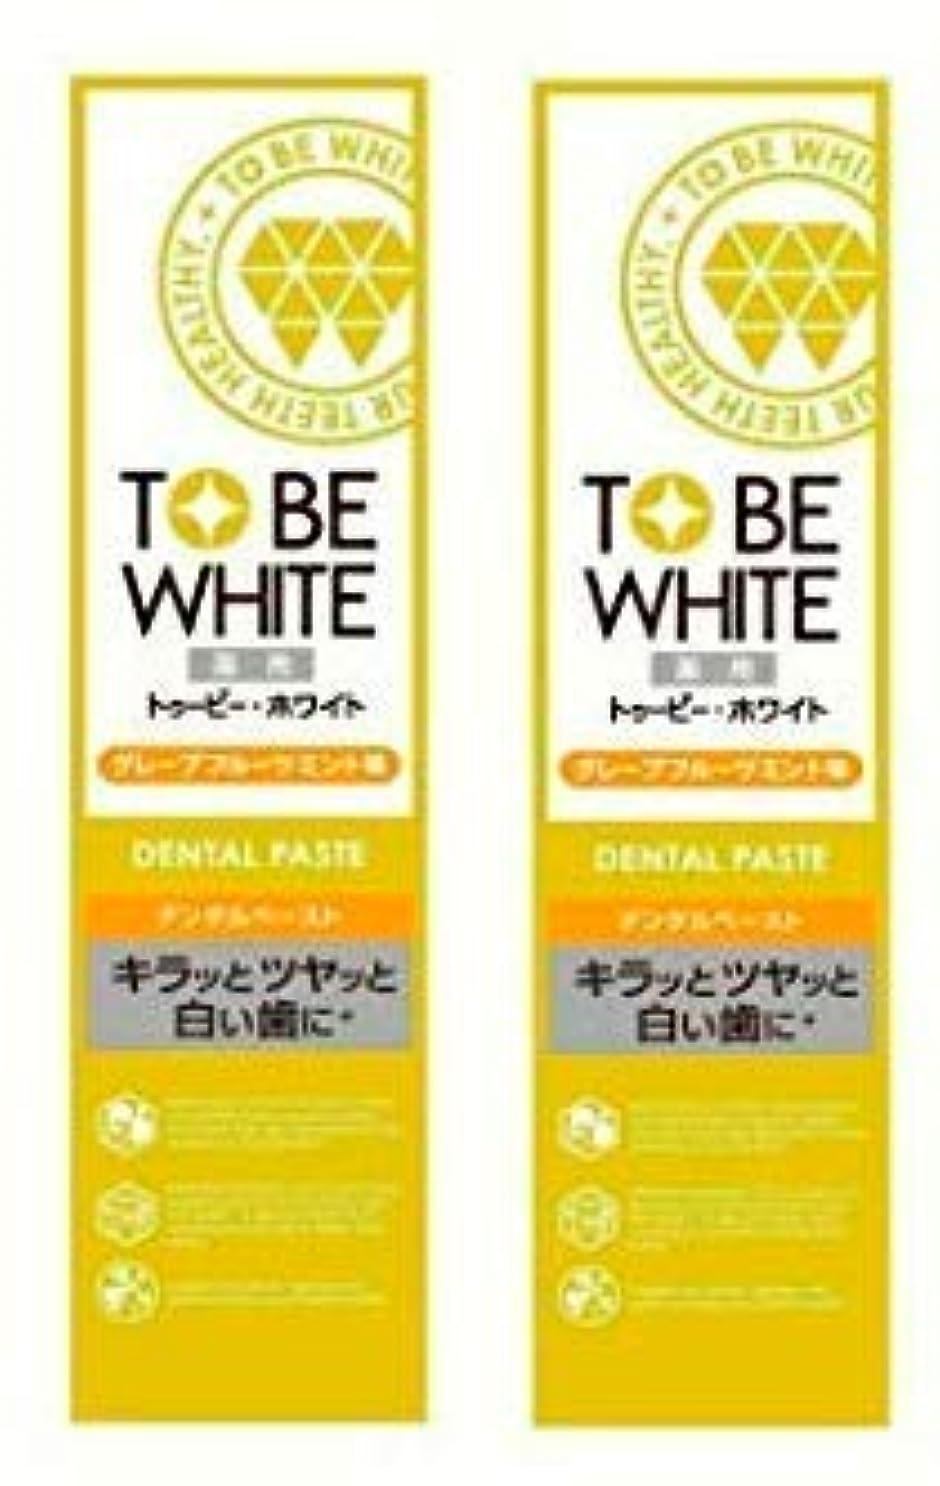 有罪権限ぎこちない【お買い得】トゥービー?ホワイト 薬用 ホワイトニング ハミガキ粉 グレープフルーツミント 味 60g×2個セット